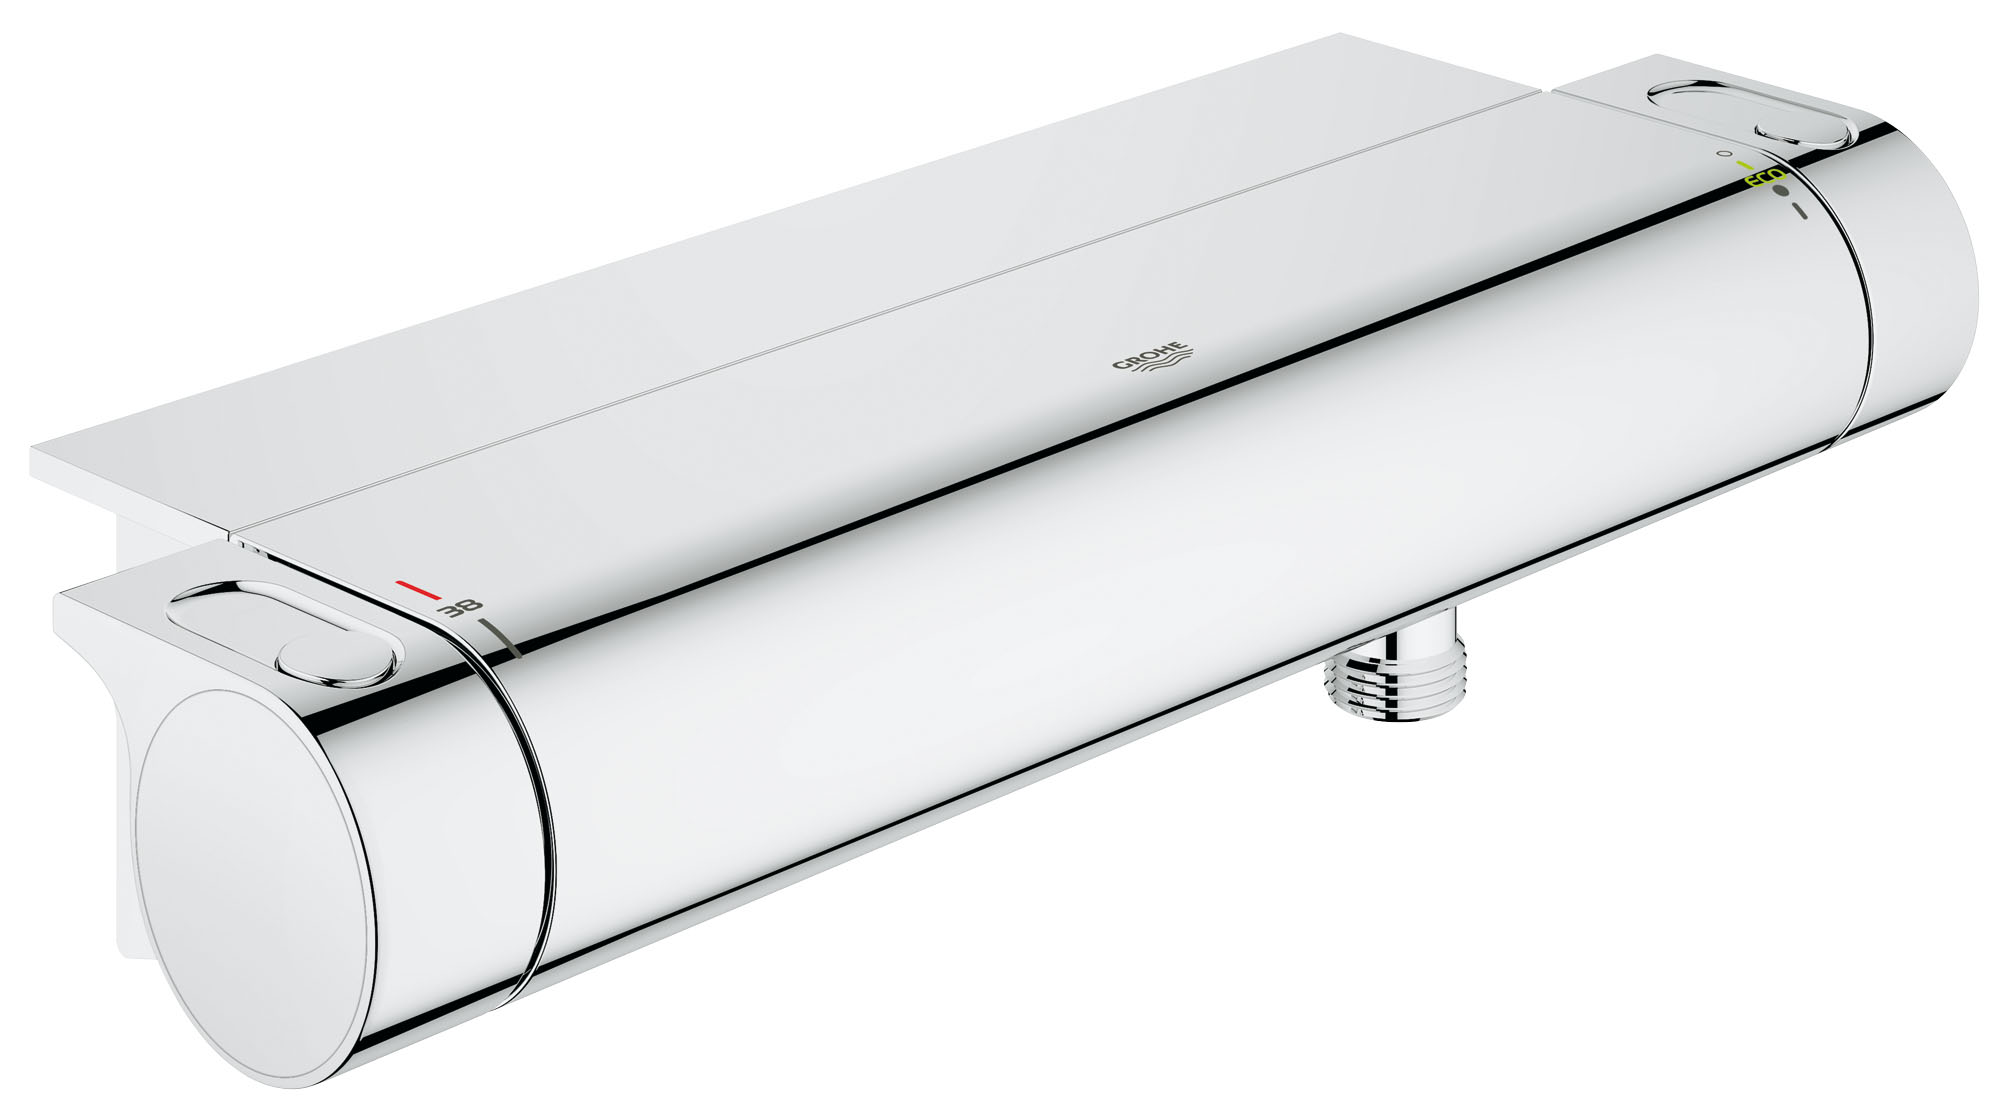 Термостат для душа GROHE Grohtherm 2000 с полочкой. (34469001)BL505Главные преимущества этого смесителя для душа — безопасность, которую обеспечивает термостатическое управление температурой воды, и высокий уровень эстетичности. Его регуляторы разработаны с расчетом на интуитивное управление легчайшим усилием. В конструкции применяется технология GROHE CoolTouch, которая предотвращает внешний нагрев корпуса и таким образом защищает от ожогов. Ограничитель SafeStop предохраняет пользователей от случайного включения слишком горячей воды. Смеситель комплектуется простой в уходе полочкой GROHE EasyReach, которая служит эффектным аксессуаром и обеспечивает место для хранения банных принадлежностей. Кроме того, данный термостат позволяет экономить до 50% воды в режиме водосбережения без ущерба для комфорта: это поможет вам полноценно наслаждаться купанием.Особенностинастенный монтаж GROHE CoolTouch безопасный корпус GROHE StarLight хромированная поверхность GROHE TurboStat встроенный термоэлемент GROHE EcoJoy Технология совершенного потока при уменьшенном расходе водывстроенный стопор смешанной воды Carbodur керамический вентиль 1/2?, 180° рукоятка расхода с экономичной кнопкой GROHE EcoButton и индивидуально устанавливаемым стопором рукоятка выбора температуры со стопором при 38°C отвод для душа снизу 1/2? встроенные обратные клапаны грязеулавливающие фильтры скрытые S-образные эксцентрики с защитой от обратного потока GROHE EasyReach™ полочка съемнаяВидео по установке является исключительно информационным. Установка должна проводиться профессионалами!